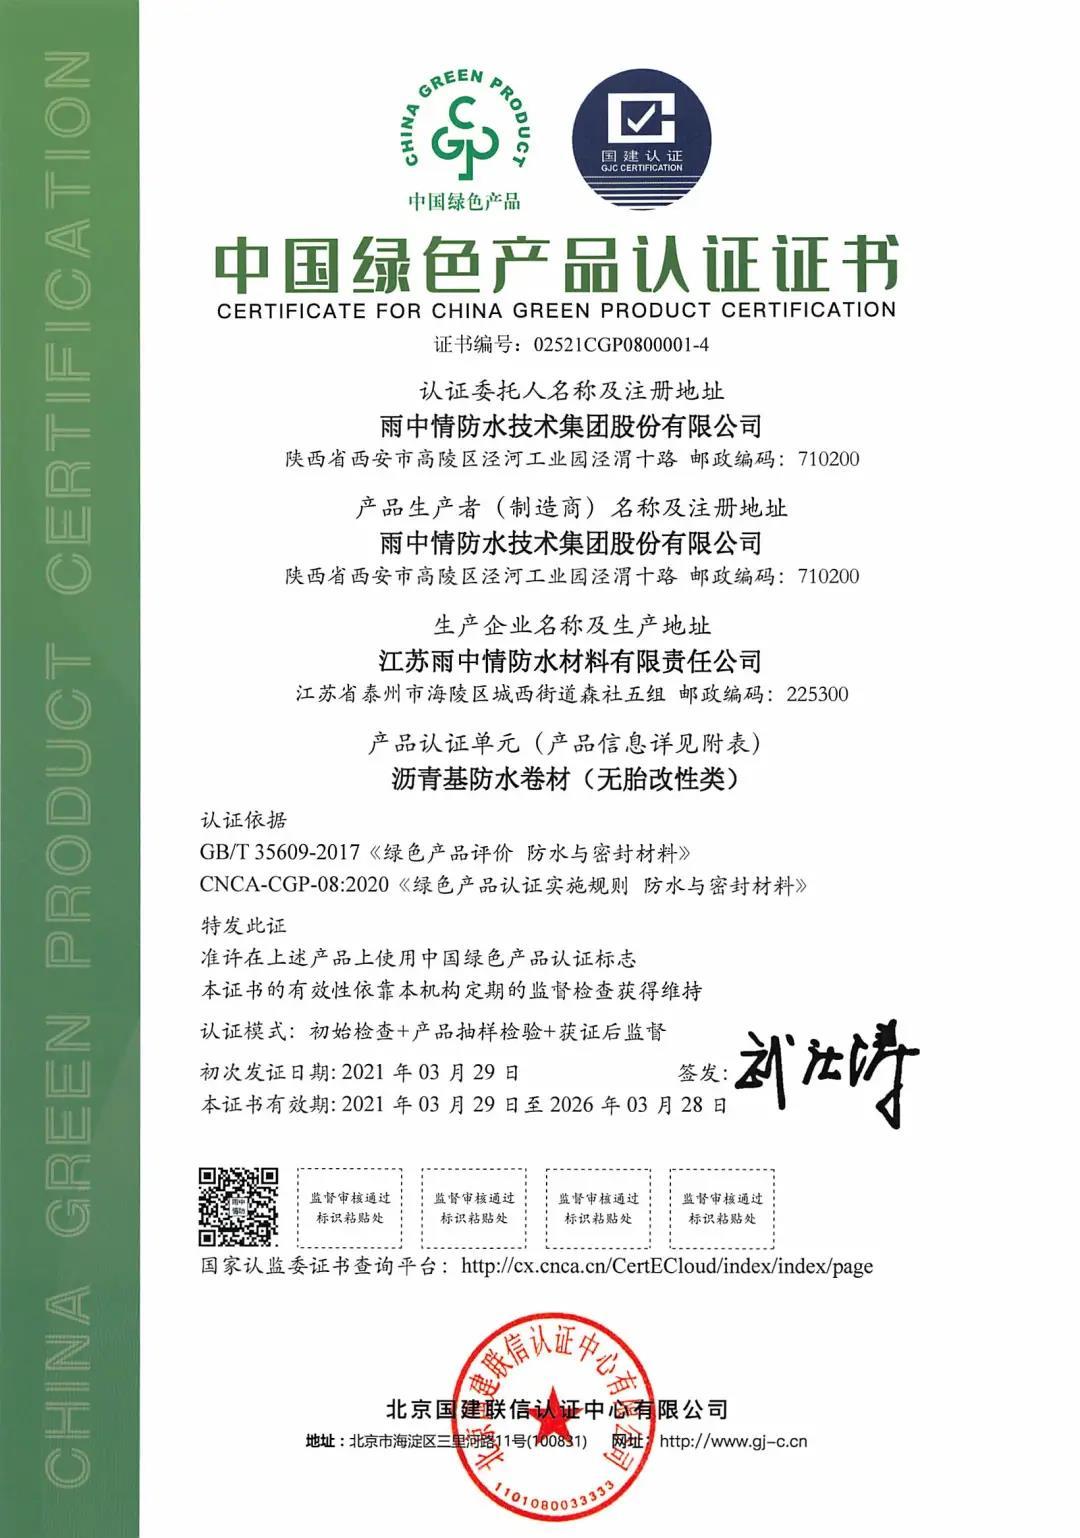 寰俊鍥剧墖_20210408103624.jpg